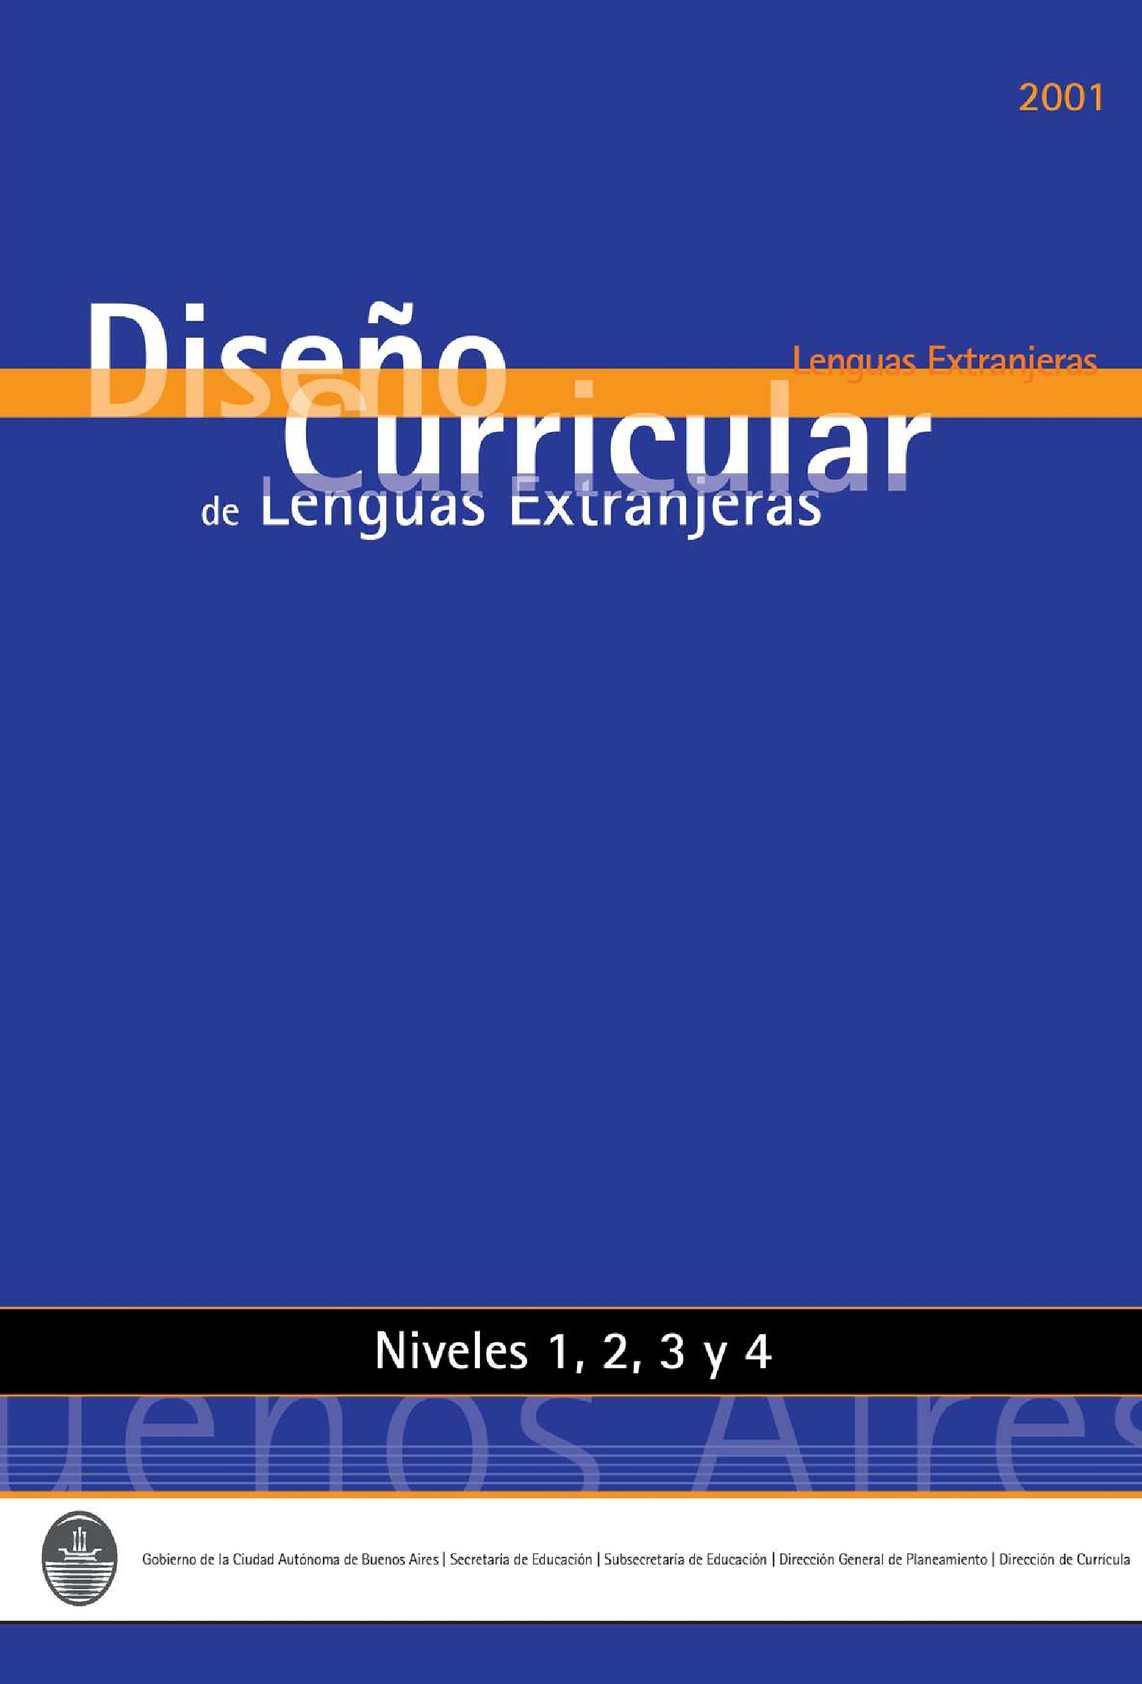 Calaméo - Diseño Curricular de Idiomas Extranjeros